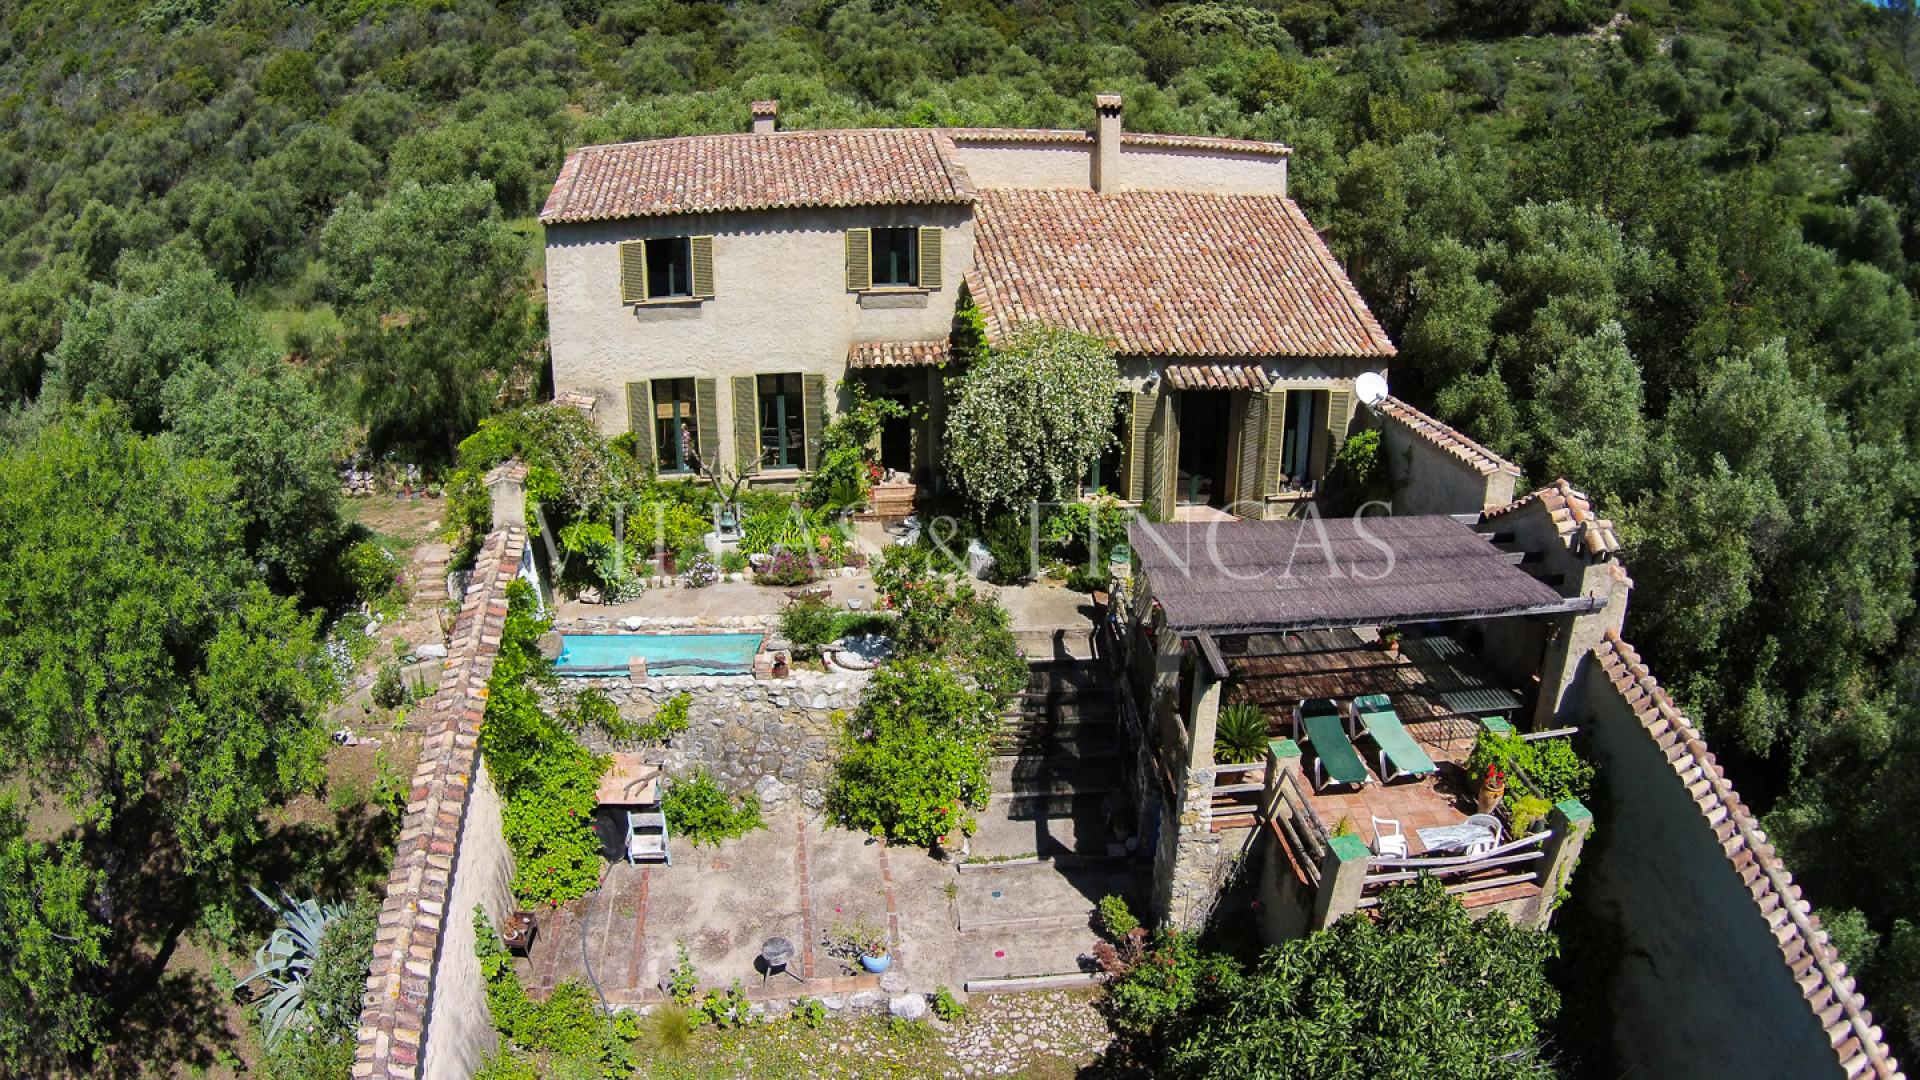 Fincas de olivar y vi edos en venta en el bosque casa de for Chalets en la finca